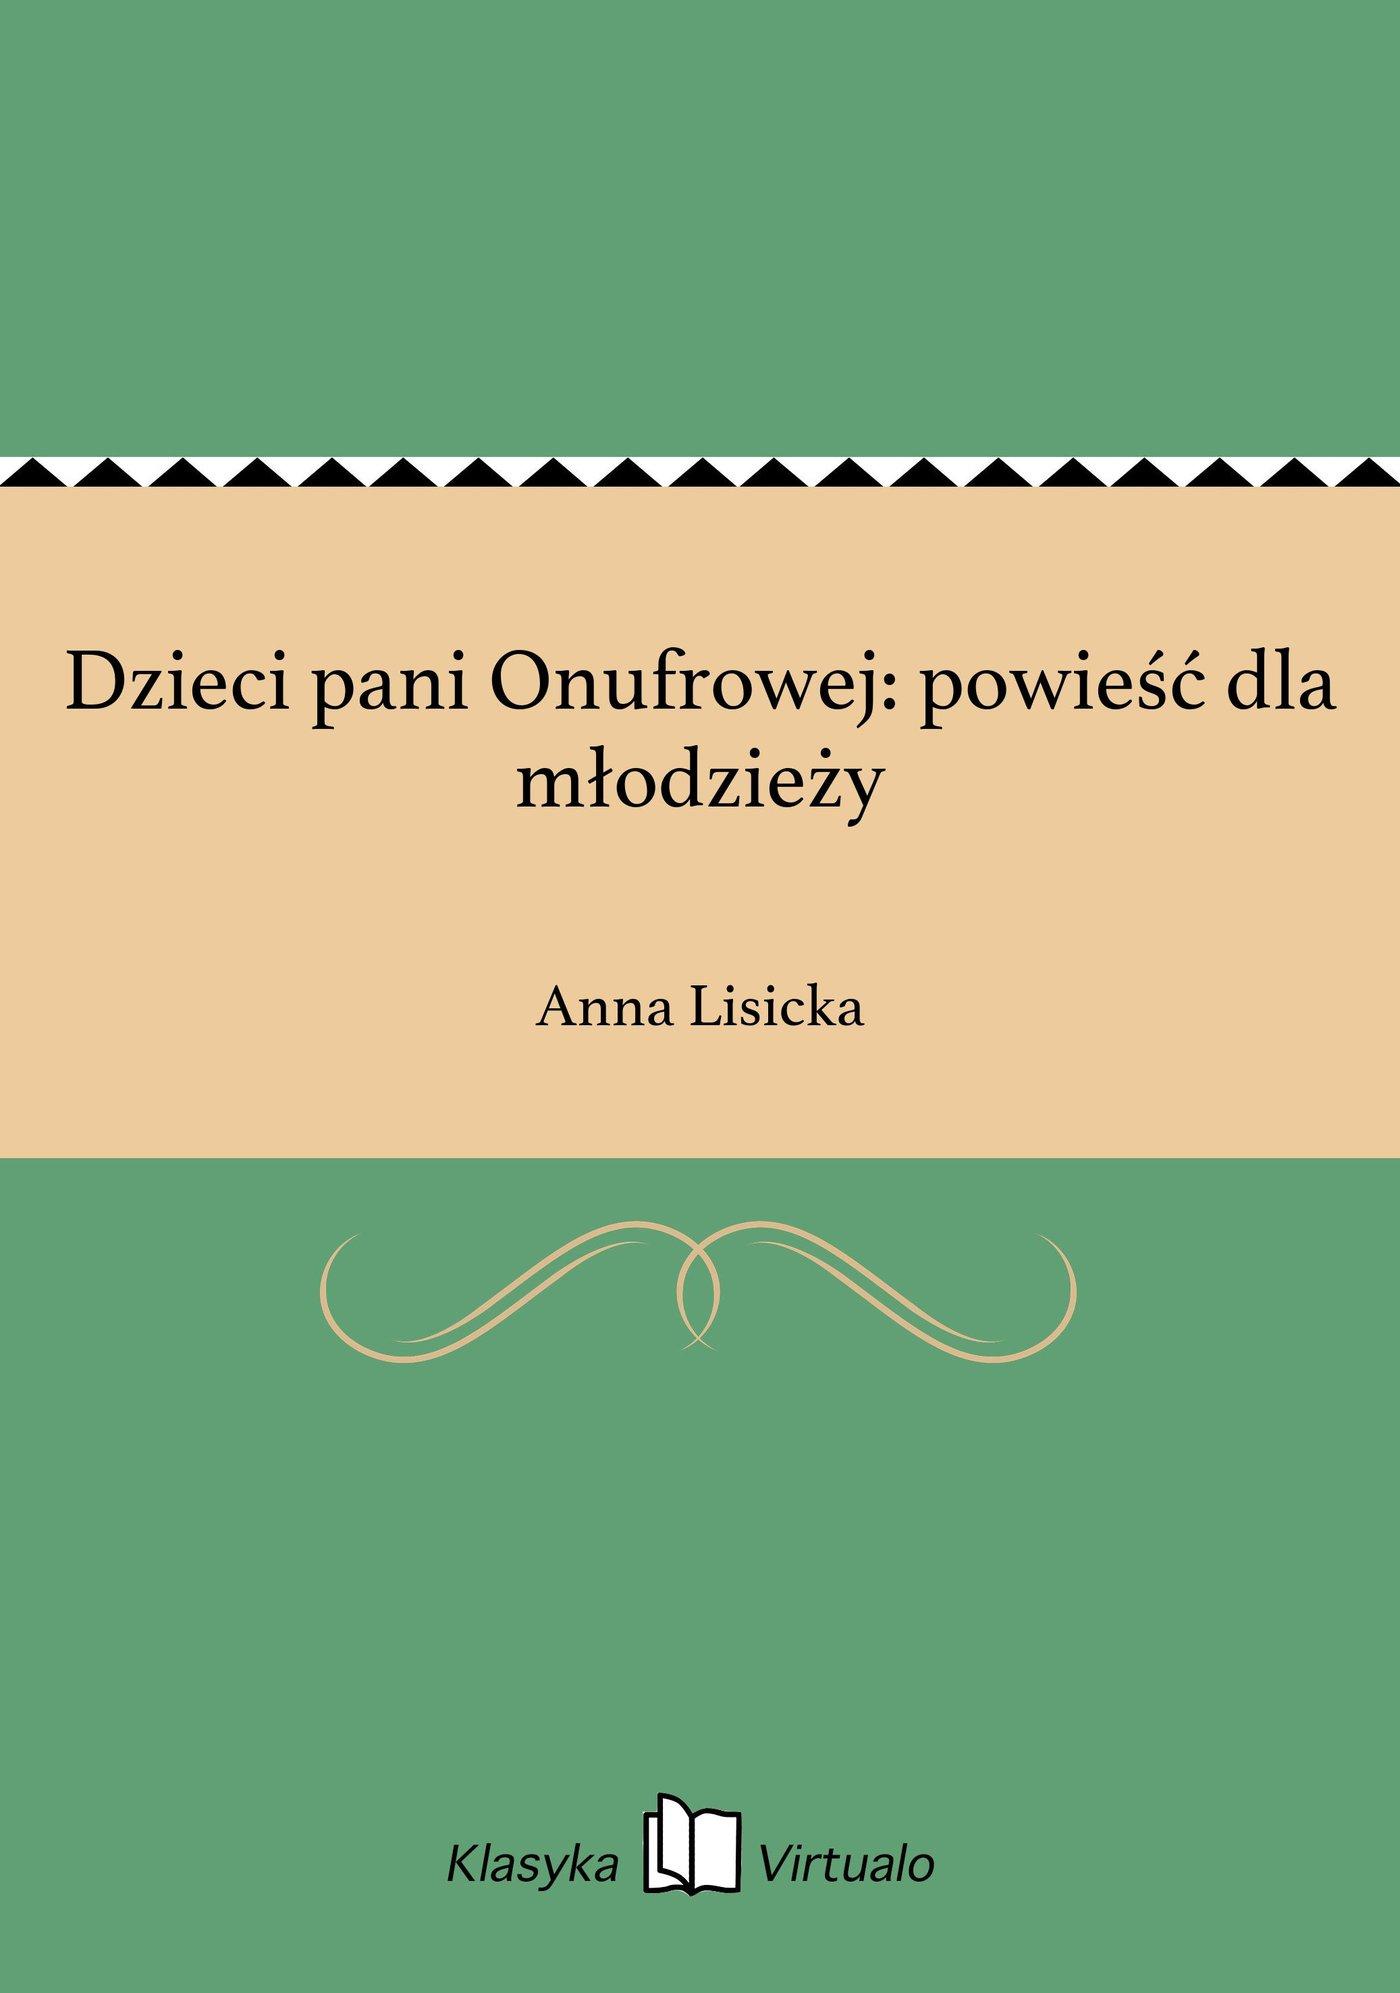 Dzieci pani Onufrowej: powieść dla młodzieży - Ebook (Książka na Kindle) do pobrania w formacie MOBI